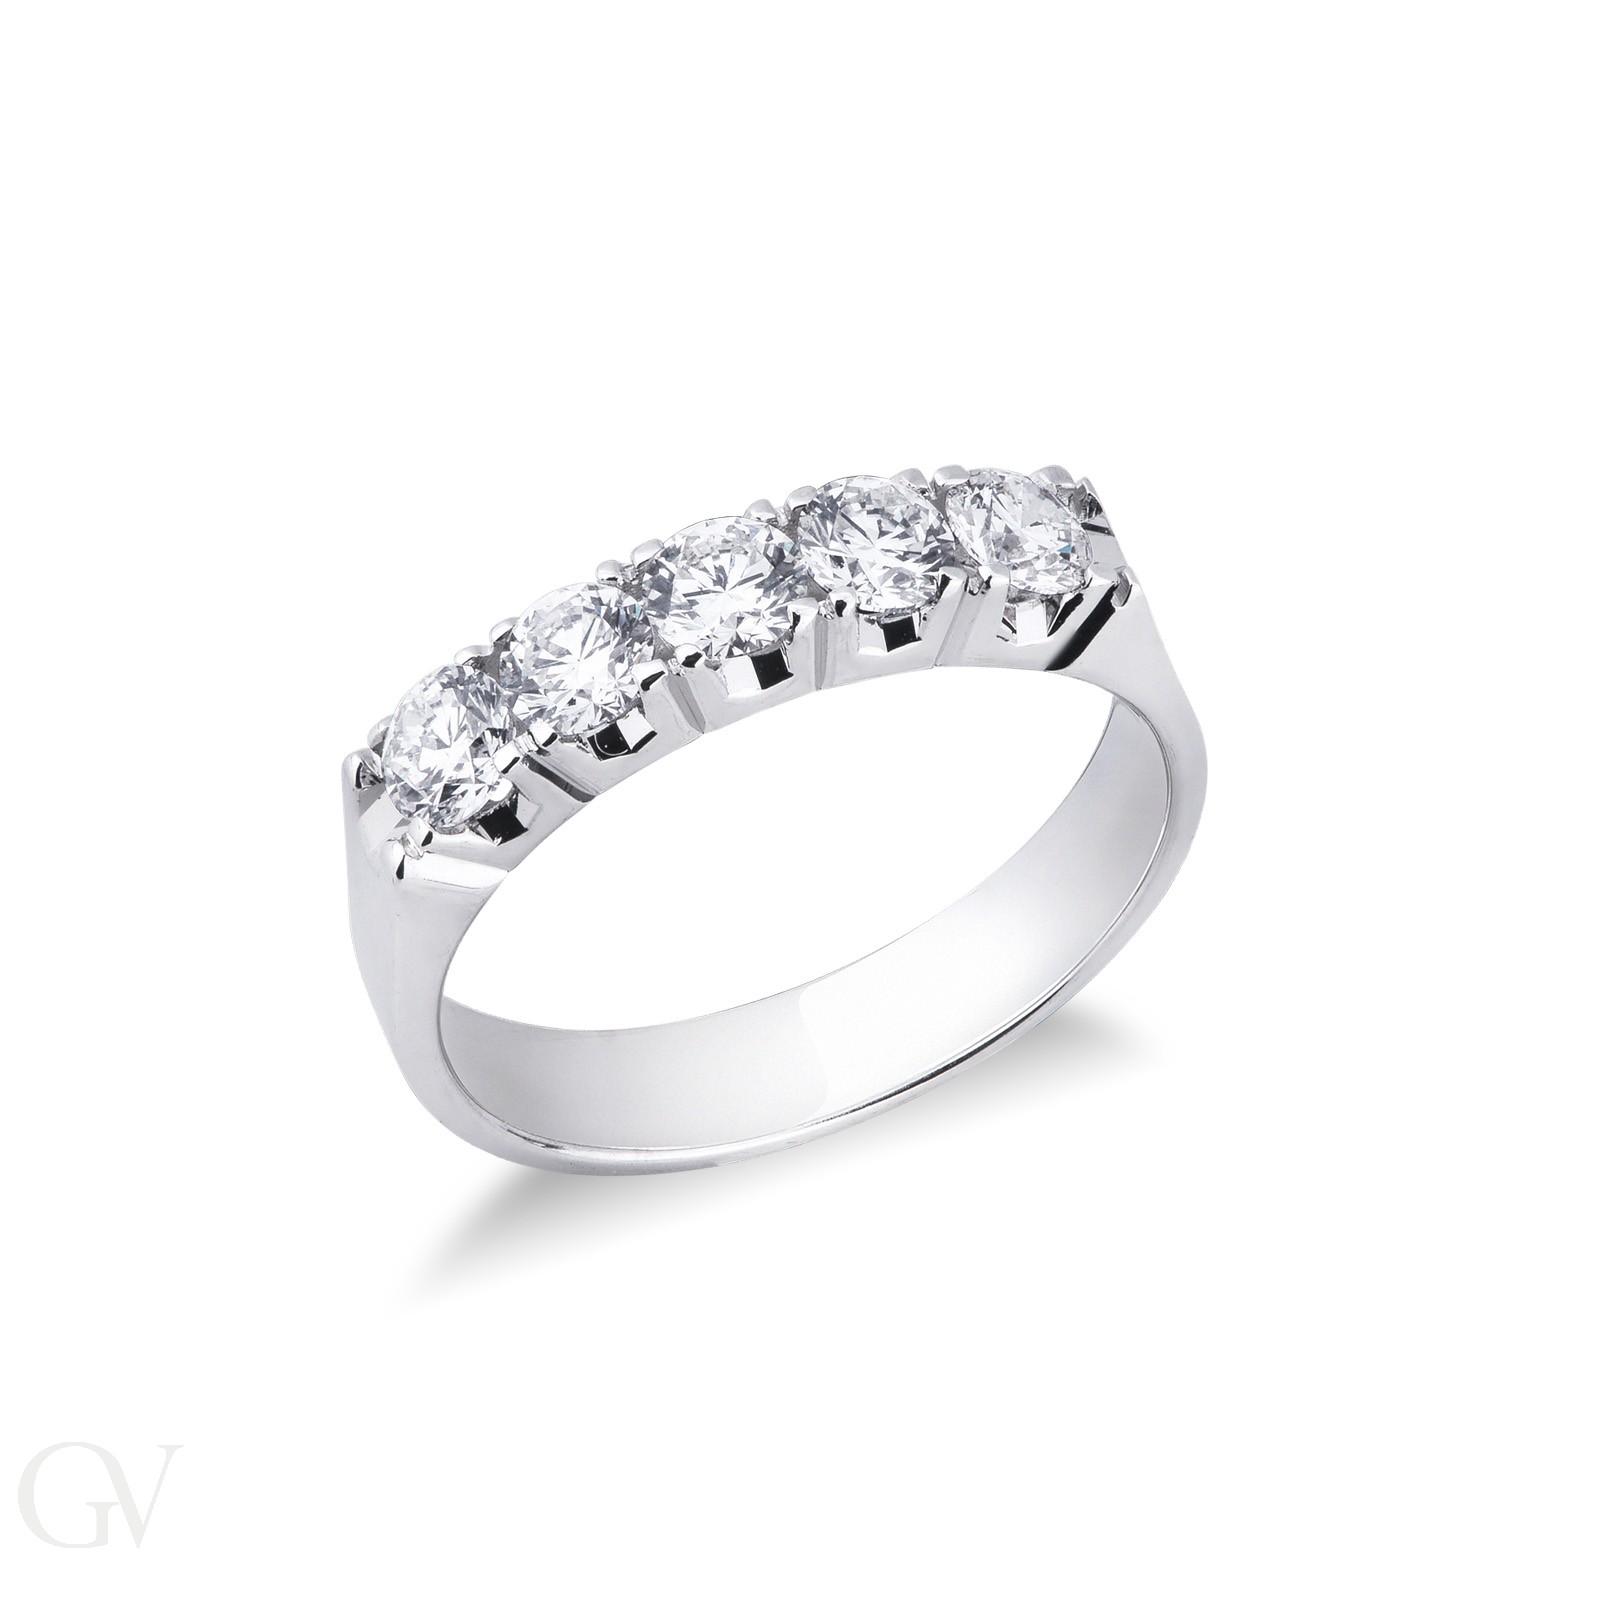 Anello Veretta a cinque pietre in Oro bianco 18k con diamanti ct. 1,00